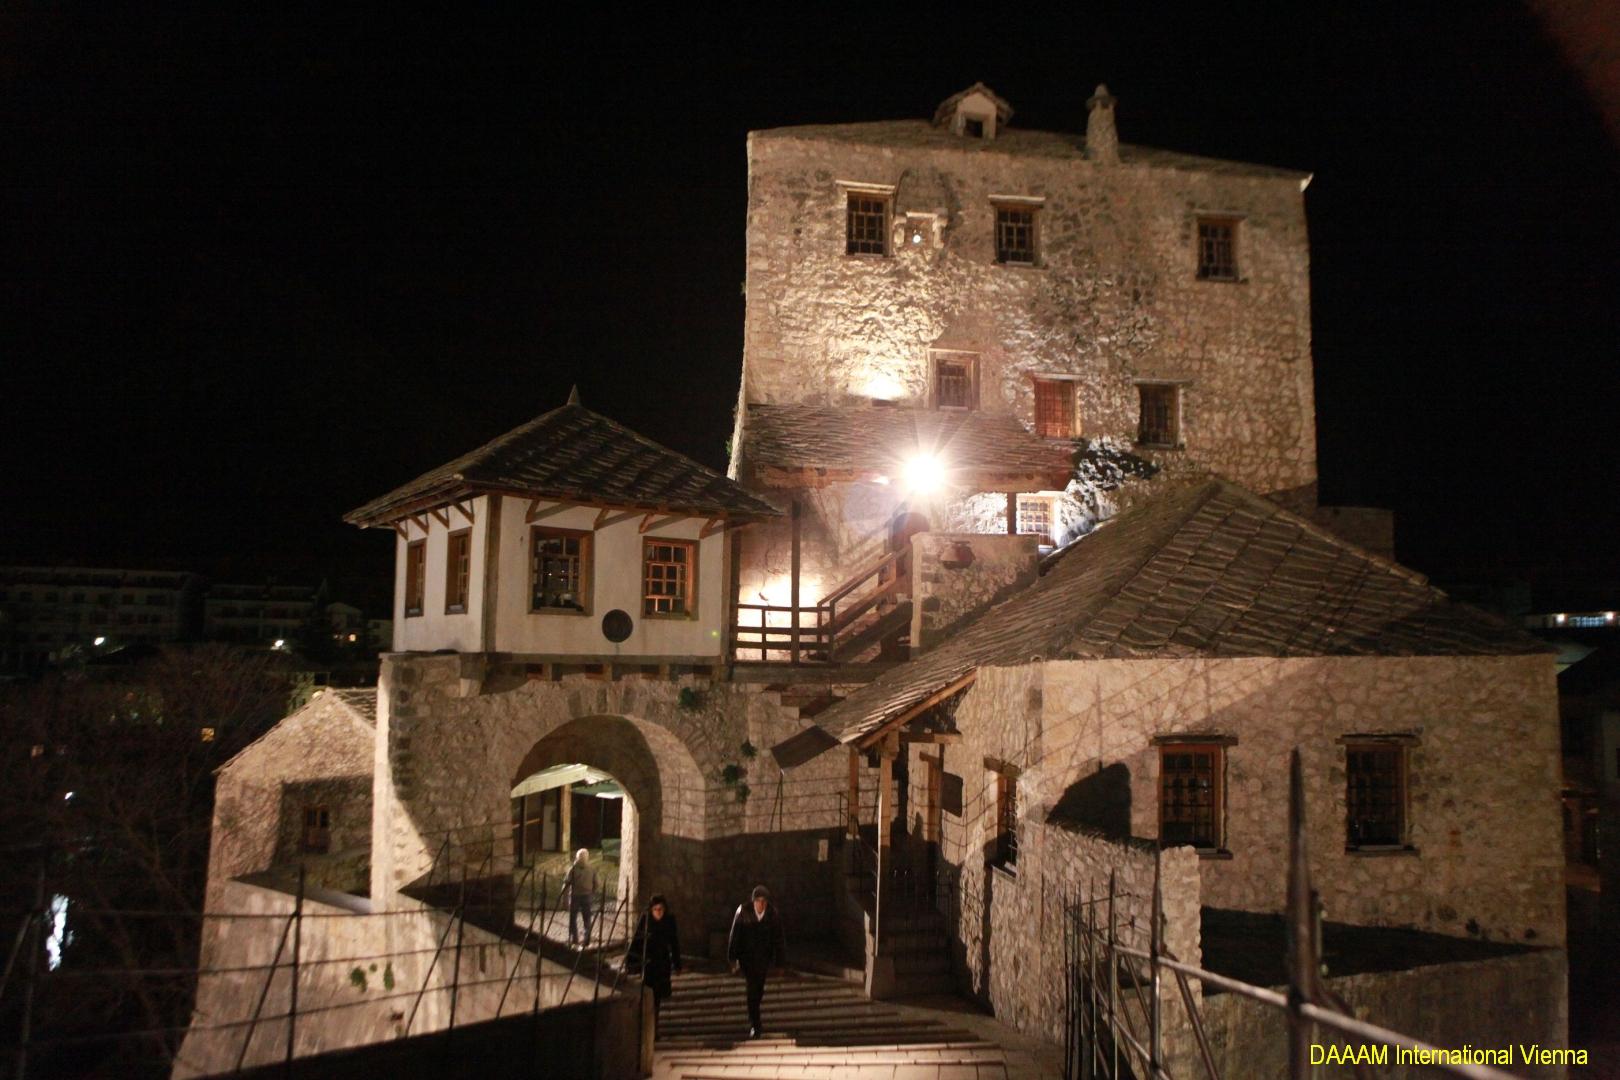 DAAAM_2016_Mostar_01_Magic_City_of_Mostar_203